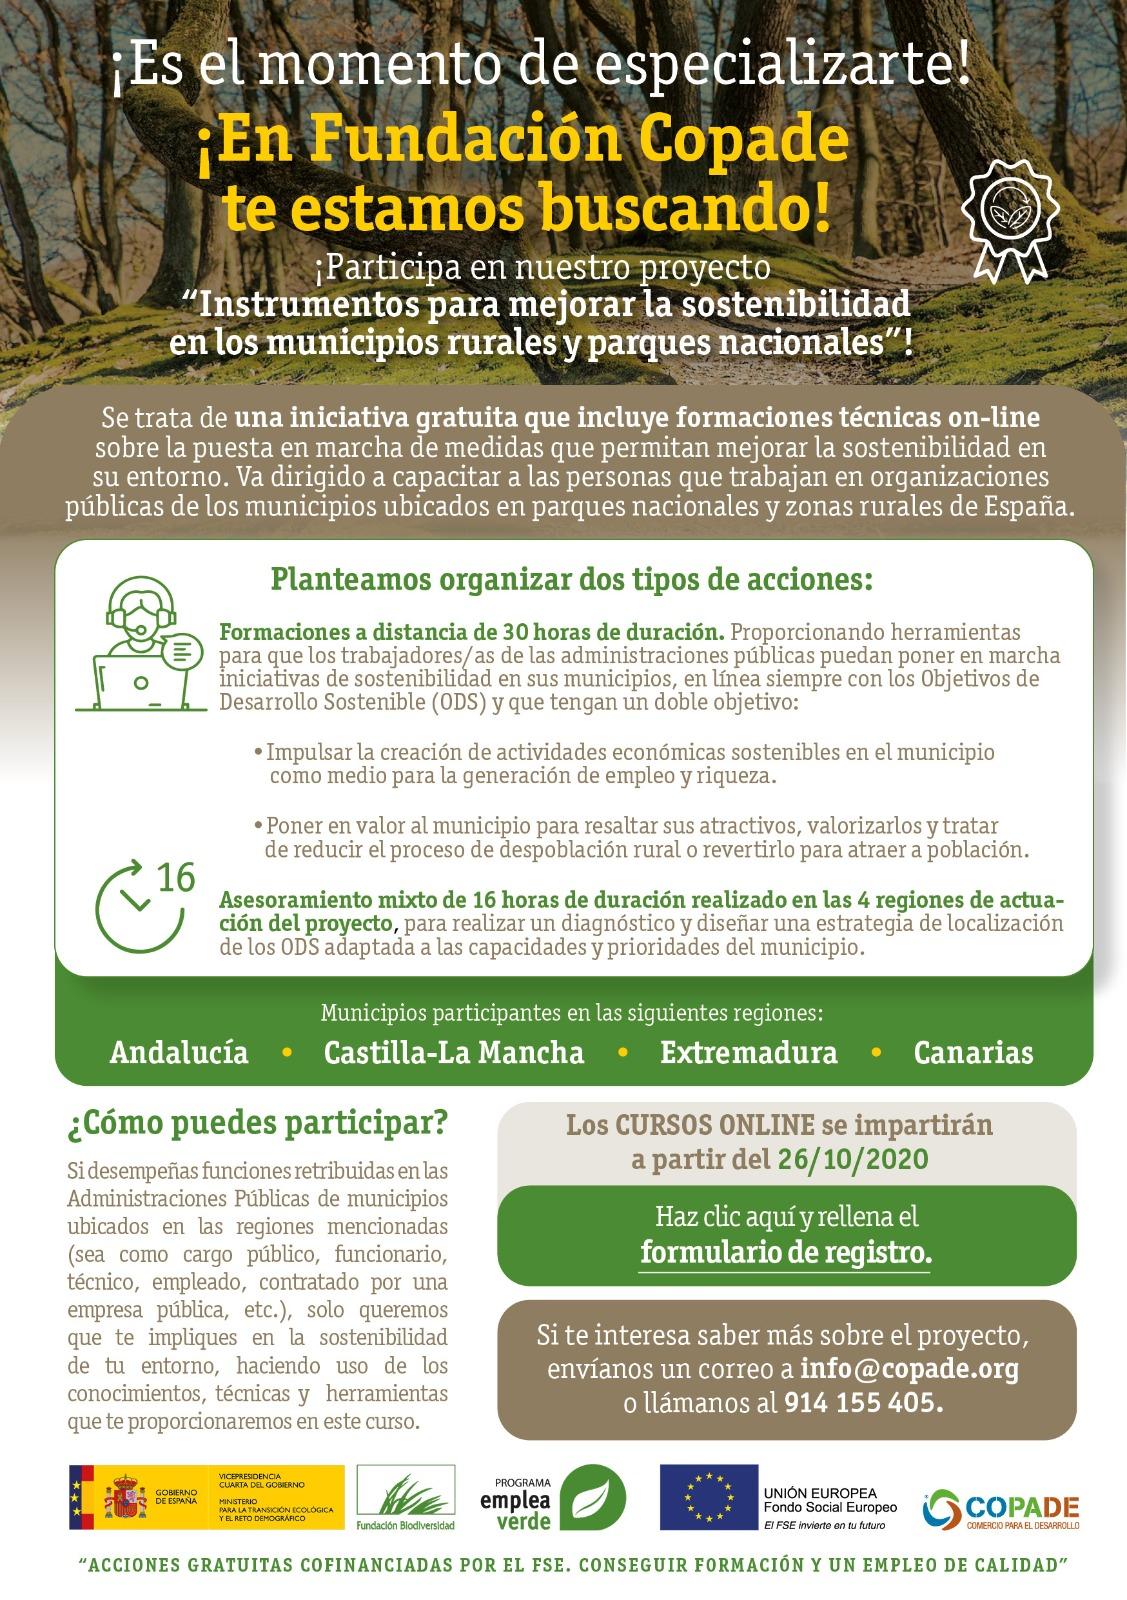 Sostenibilidad en los municipios rurales y parques nacionales